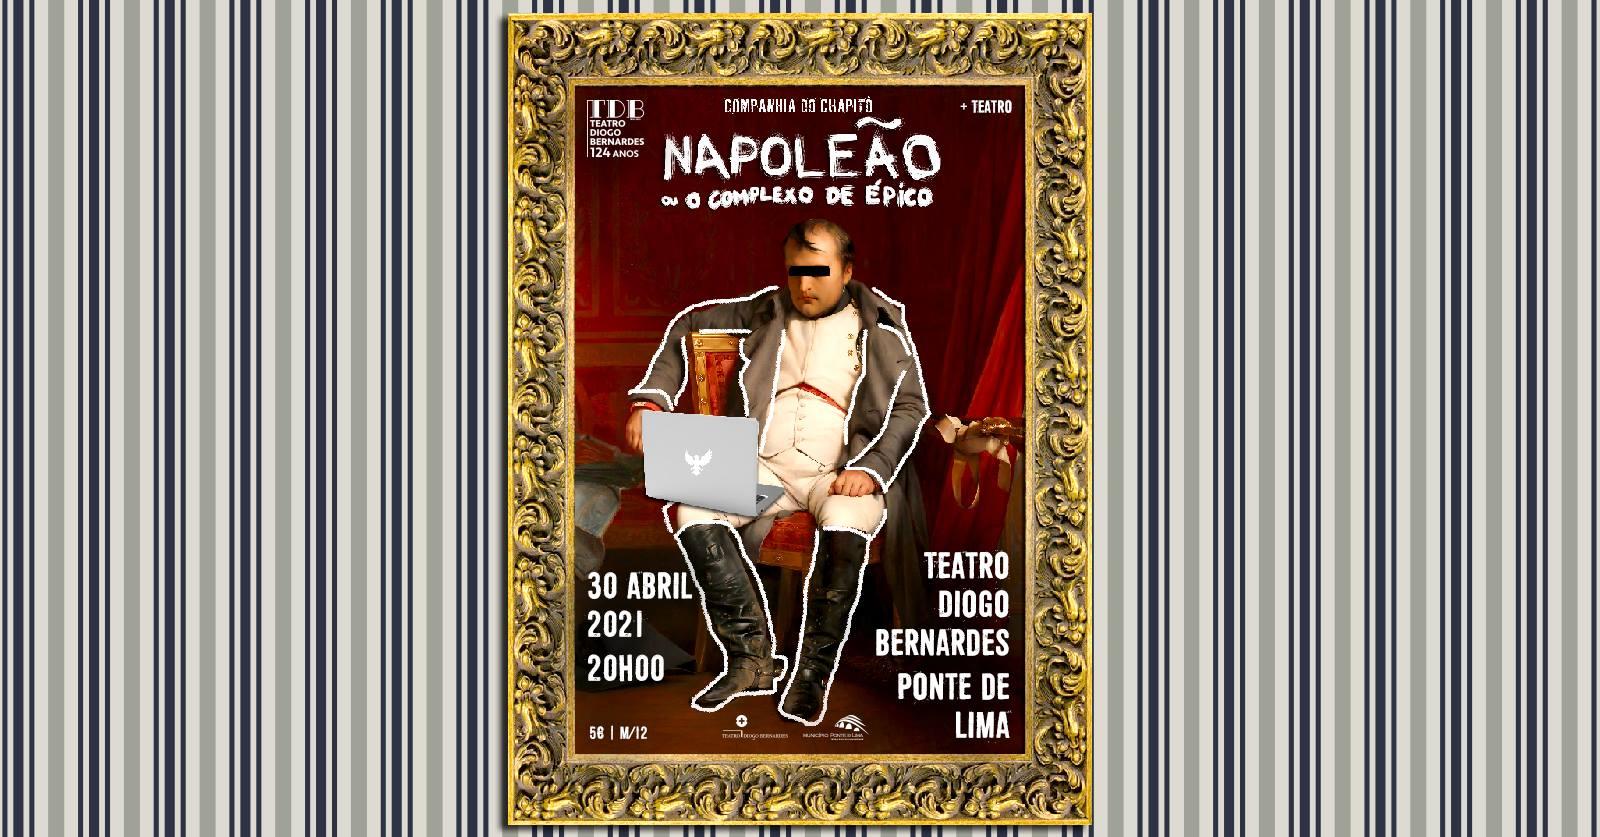 Napoleão ou O Complexo de Épico, pela Companhia do Chapitô - Teatro Diogo Bernardes | Ponte de Lima